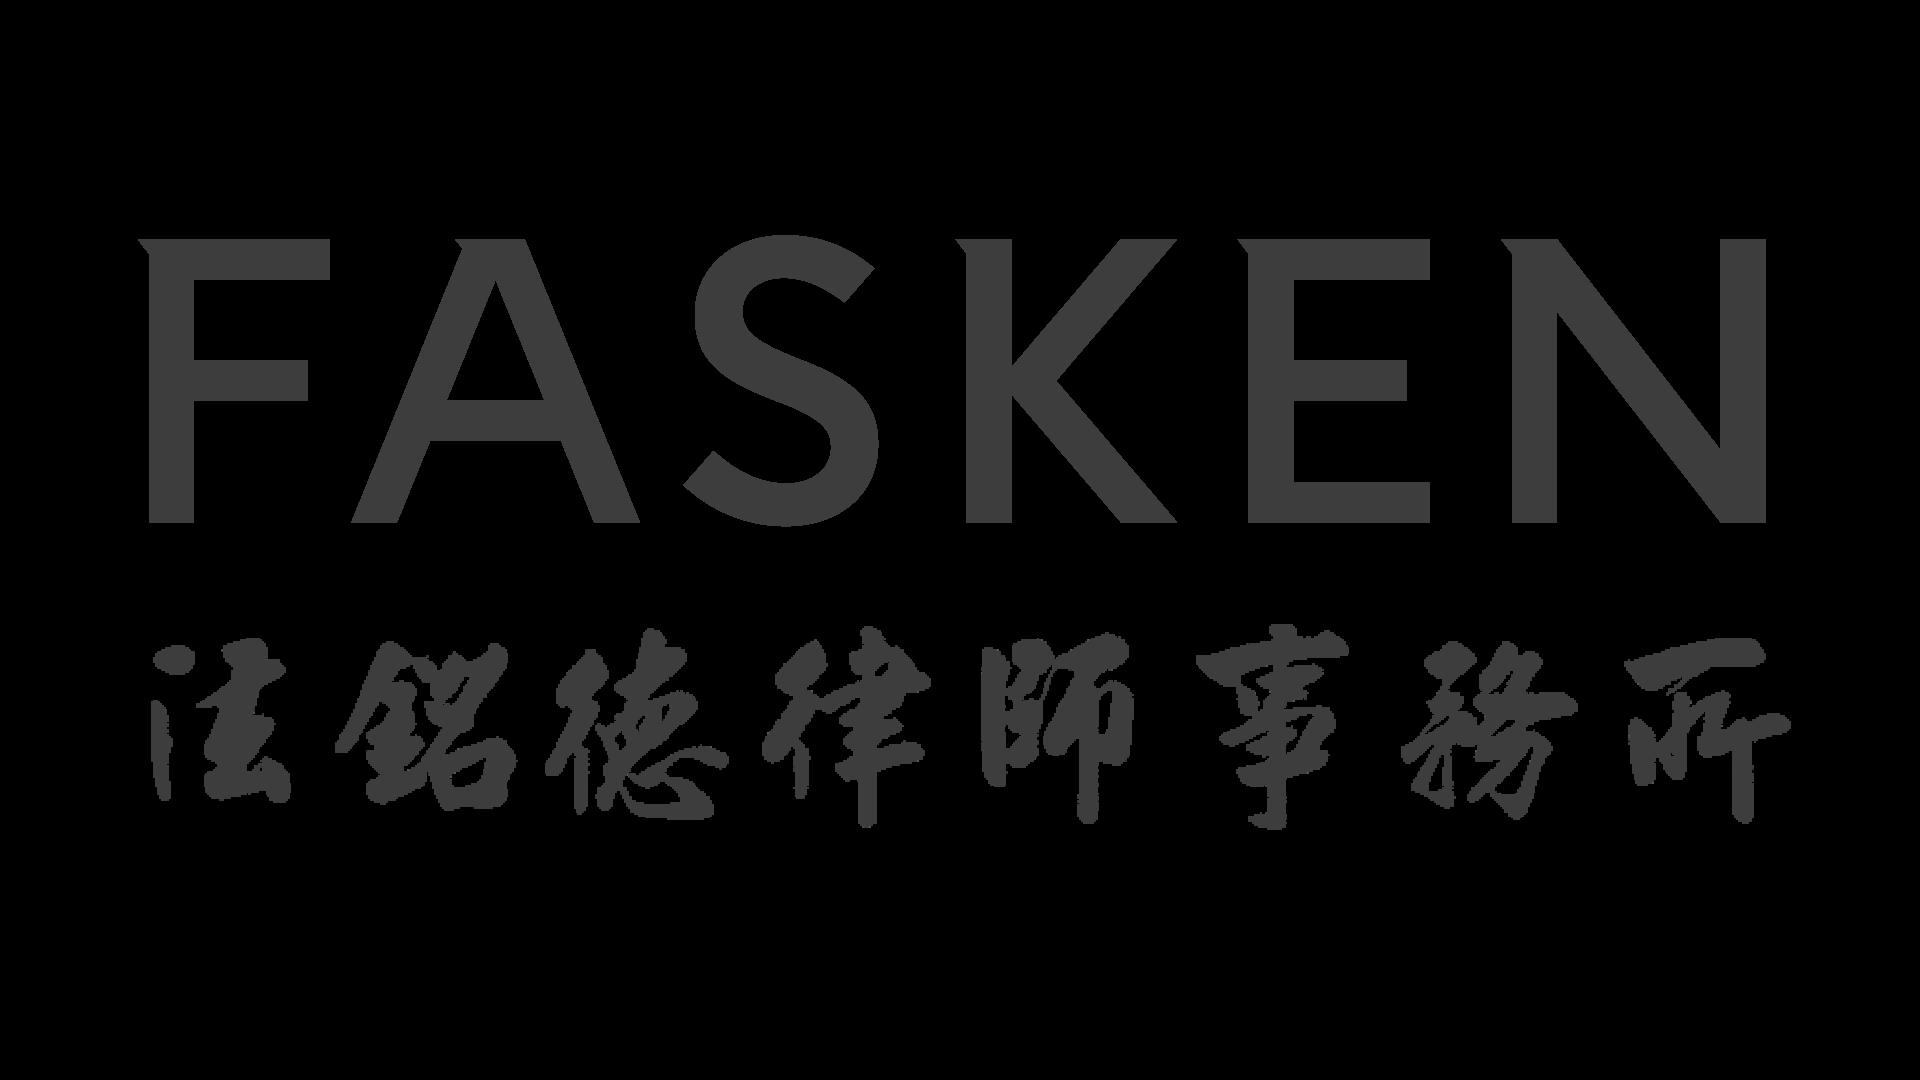 FASKEN Law